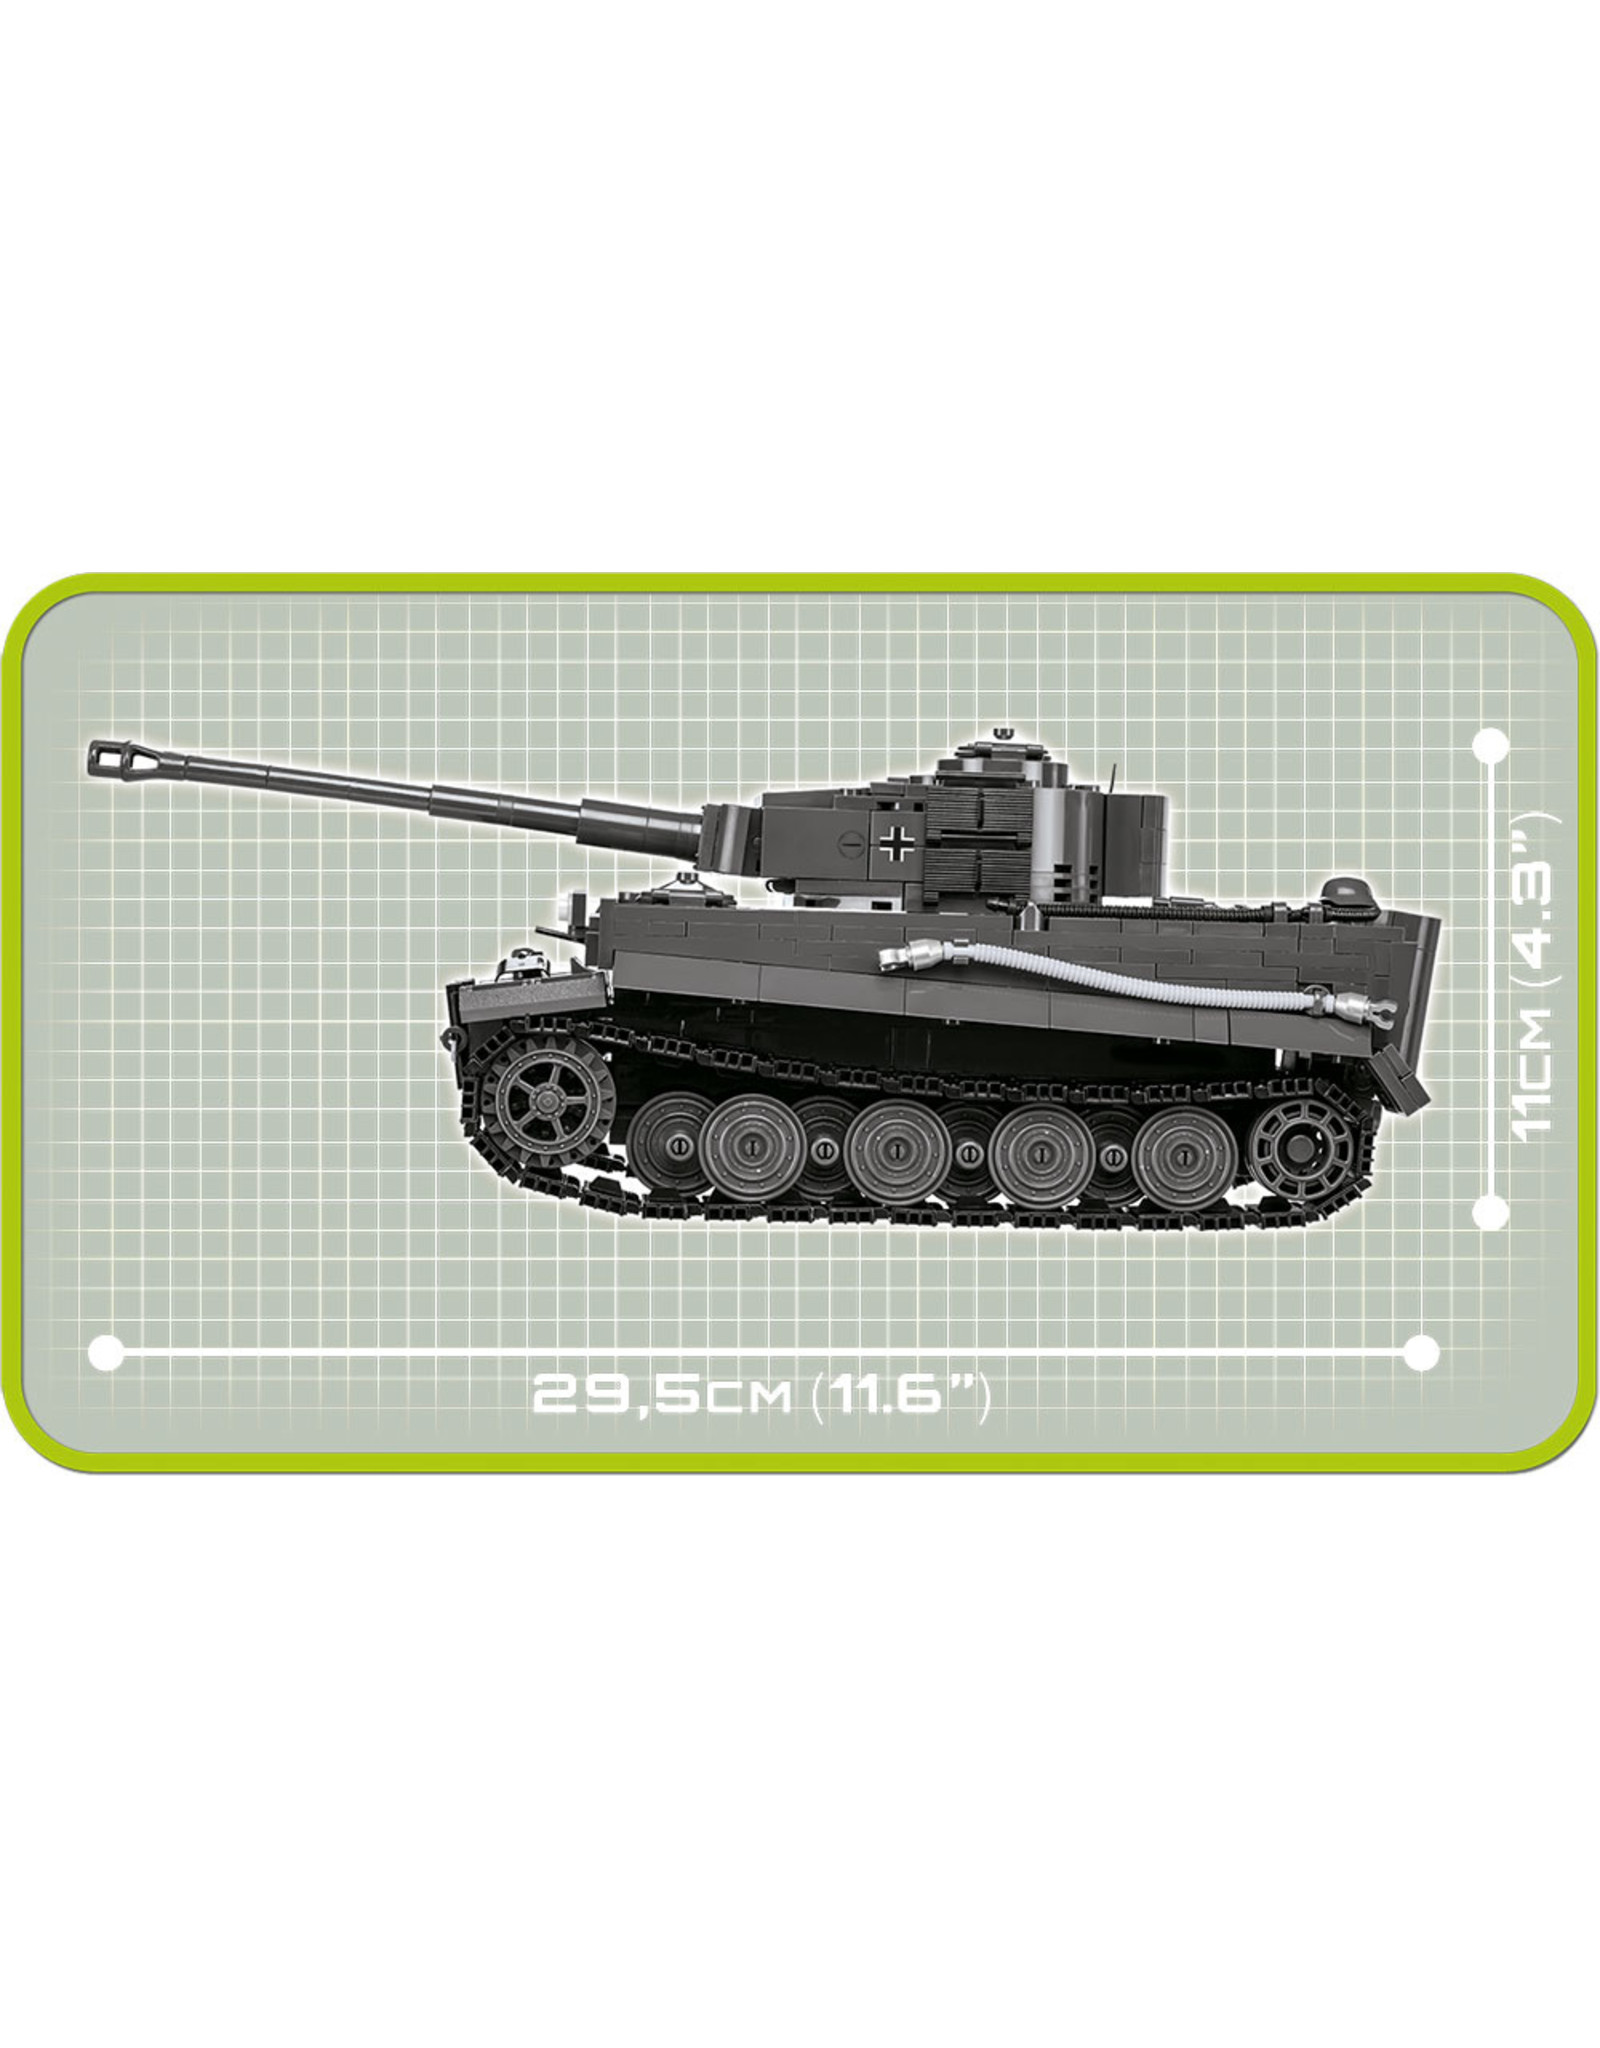 COBI COBI WW2 2538 PzKpfw VI- Tiger Ausf. E